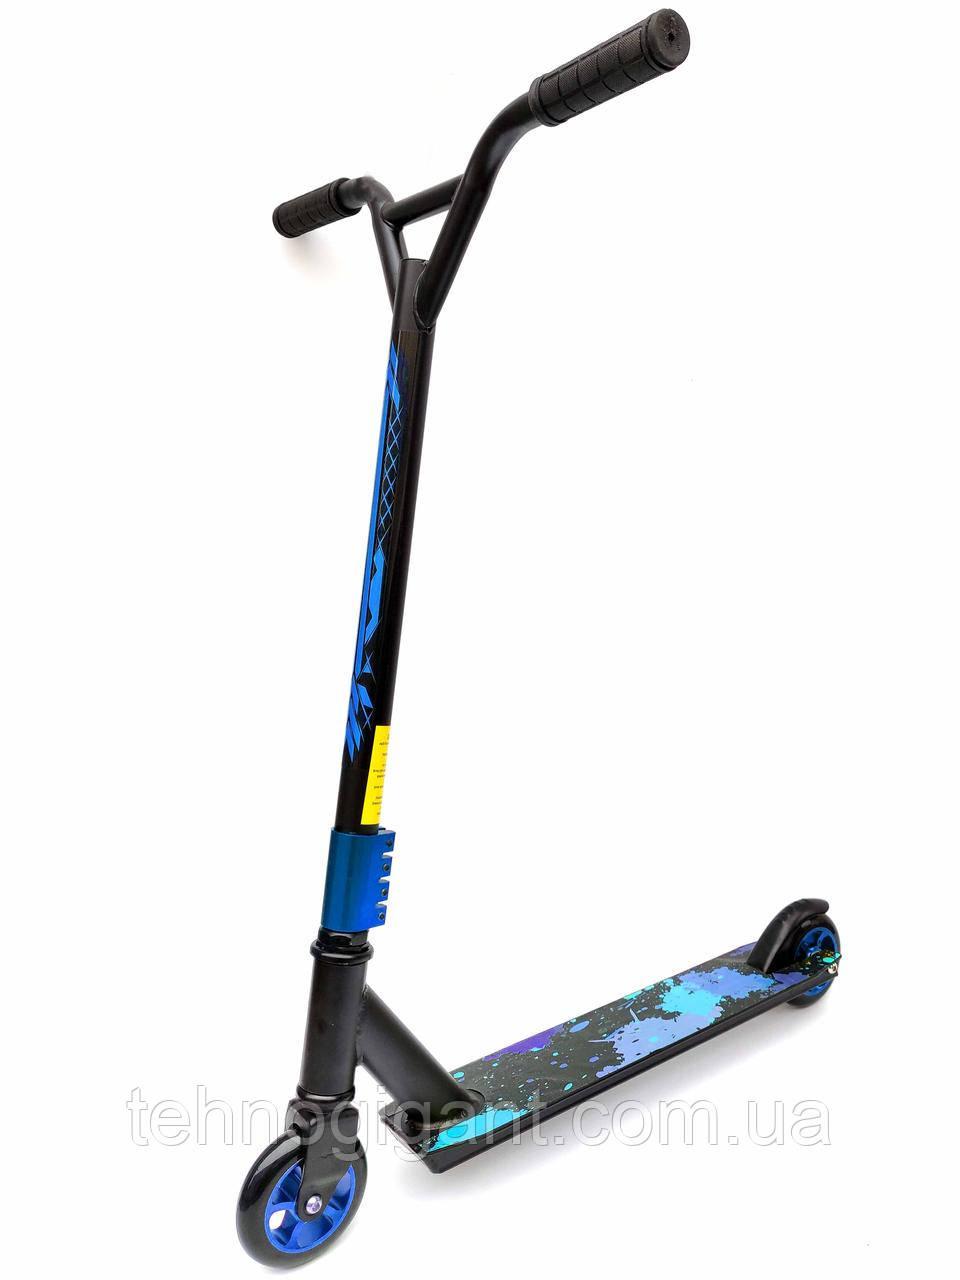 Самокат трюковый Синий , колеса алюминий/полиуретан! расцветки в ассортименте MICMAX D02